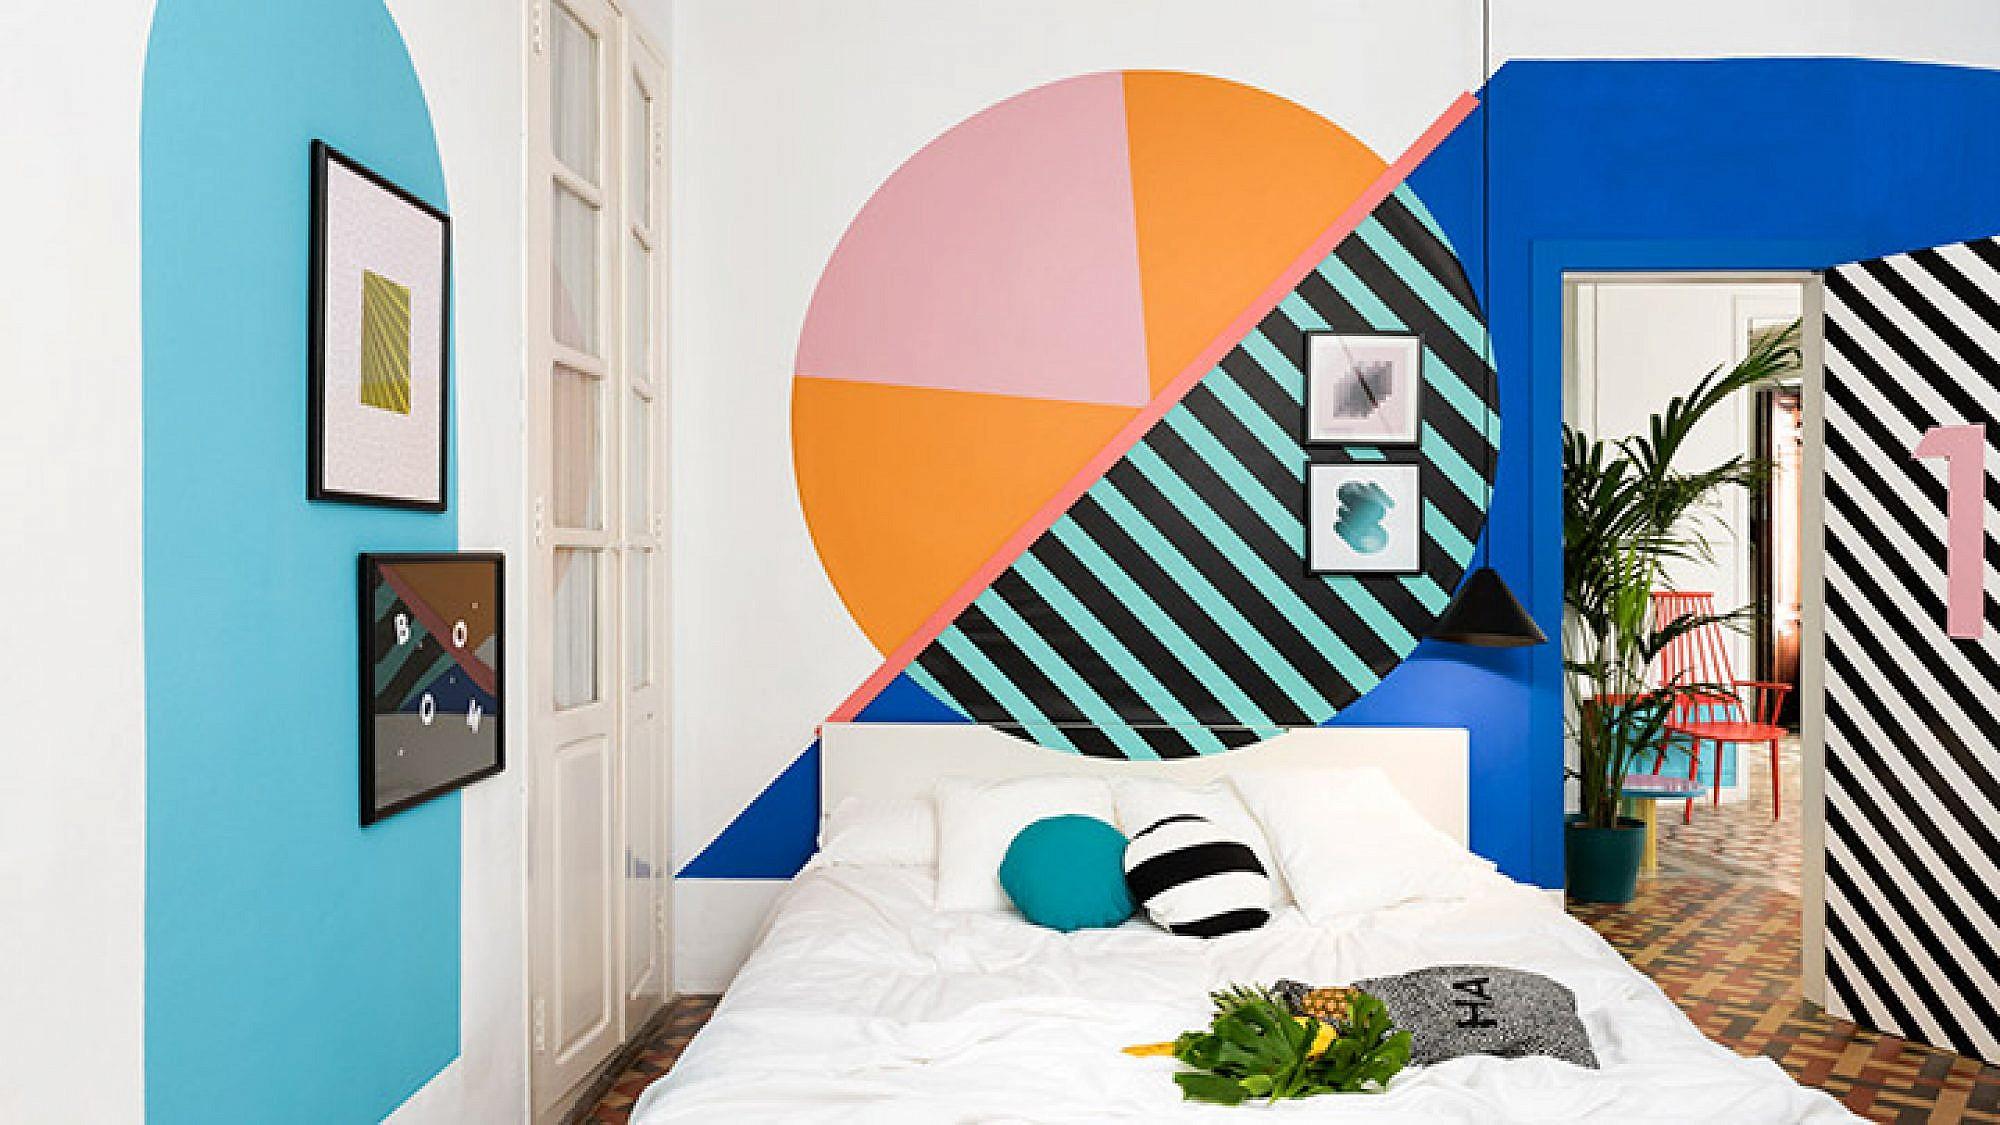 חדר שכמעט לא פוסח על שום טרנד, בראשו הטרנד הגיאומטרי. על הקירות נצבעו צורות גיאומטריות שונות וגדולות, בצבעוניות מגוונת. הרצפה נותרה בעיצובה המקורי והמסורתי   צילום: Luis Beltran